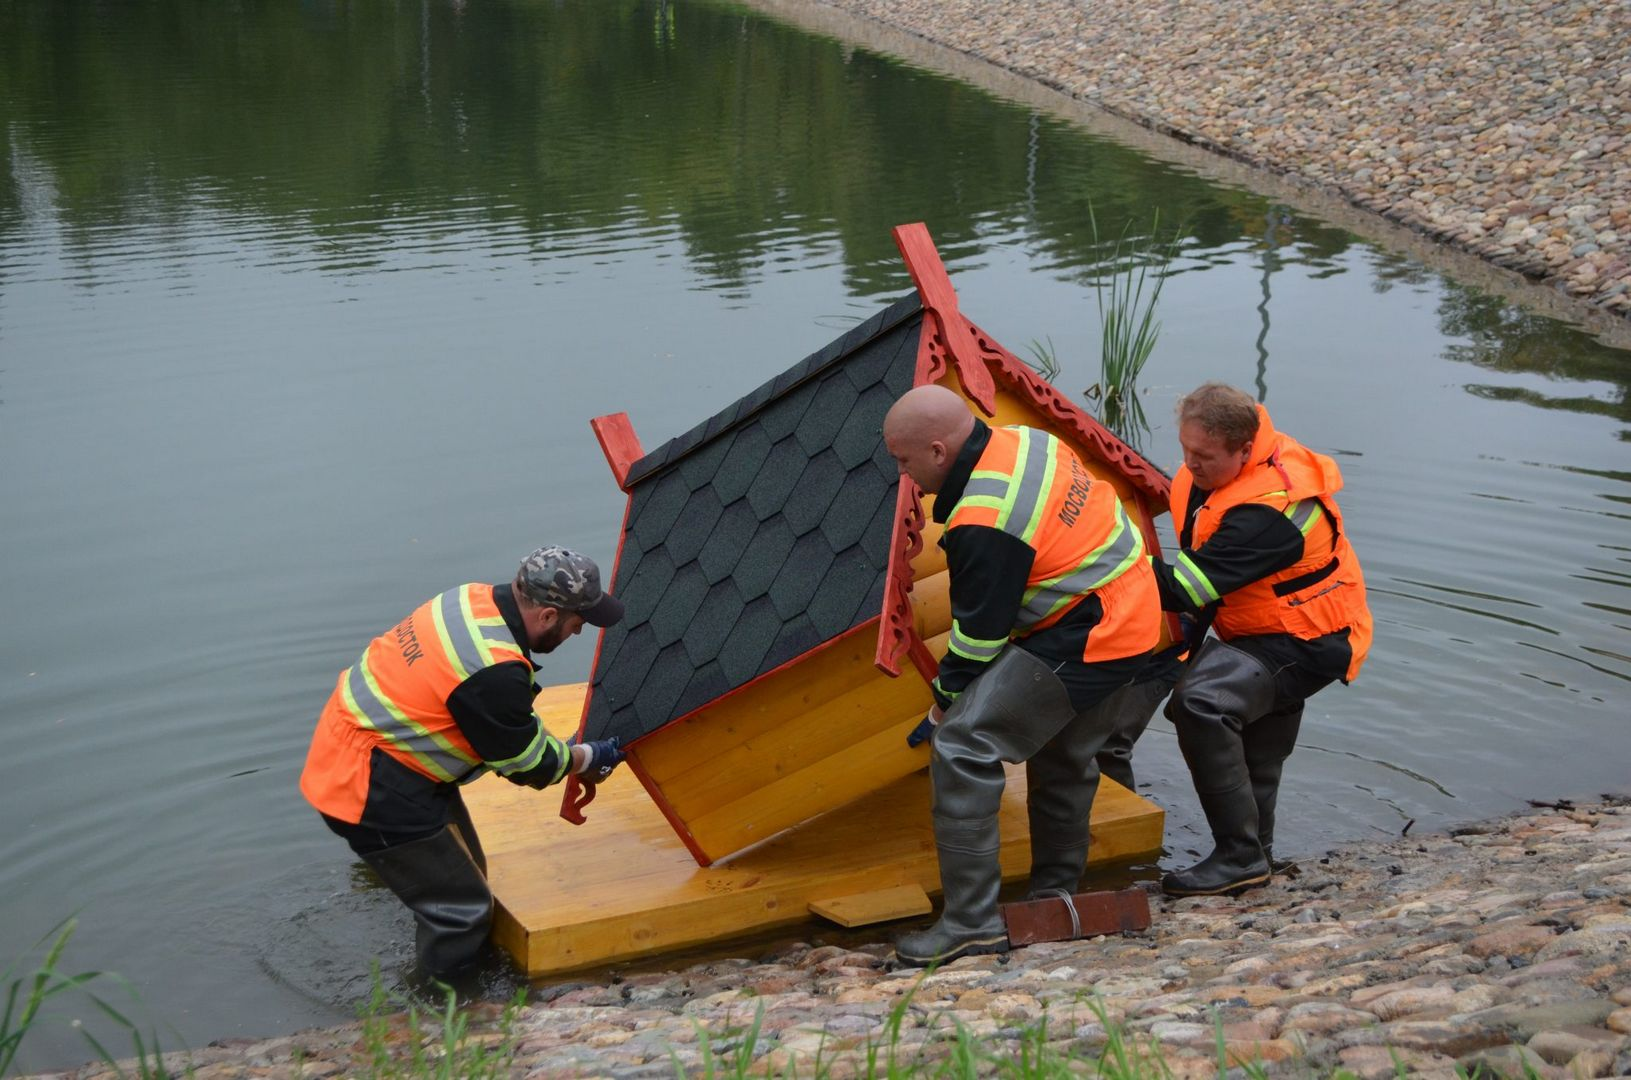 """Сотрудники ГУП """"Мосводосток"""" устанавливают на плавучую платформу утиный домик. Все берега столичных прудов теперь имеют удобный выход для утят на берег."""